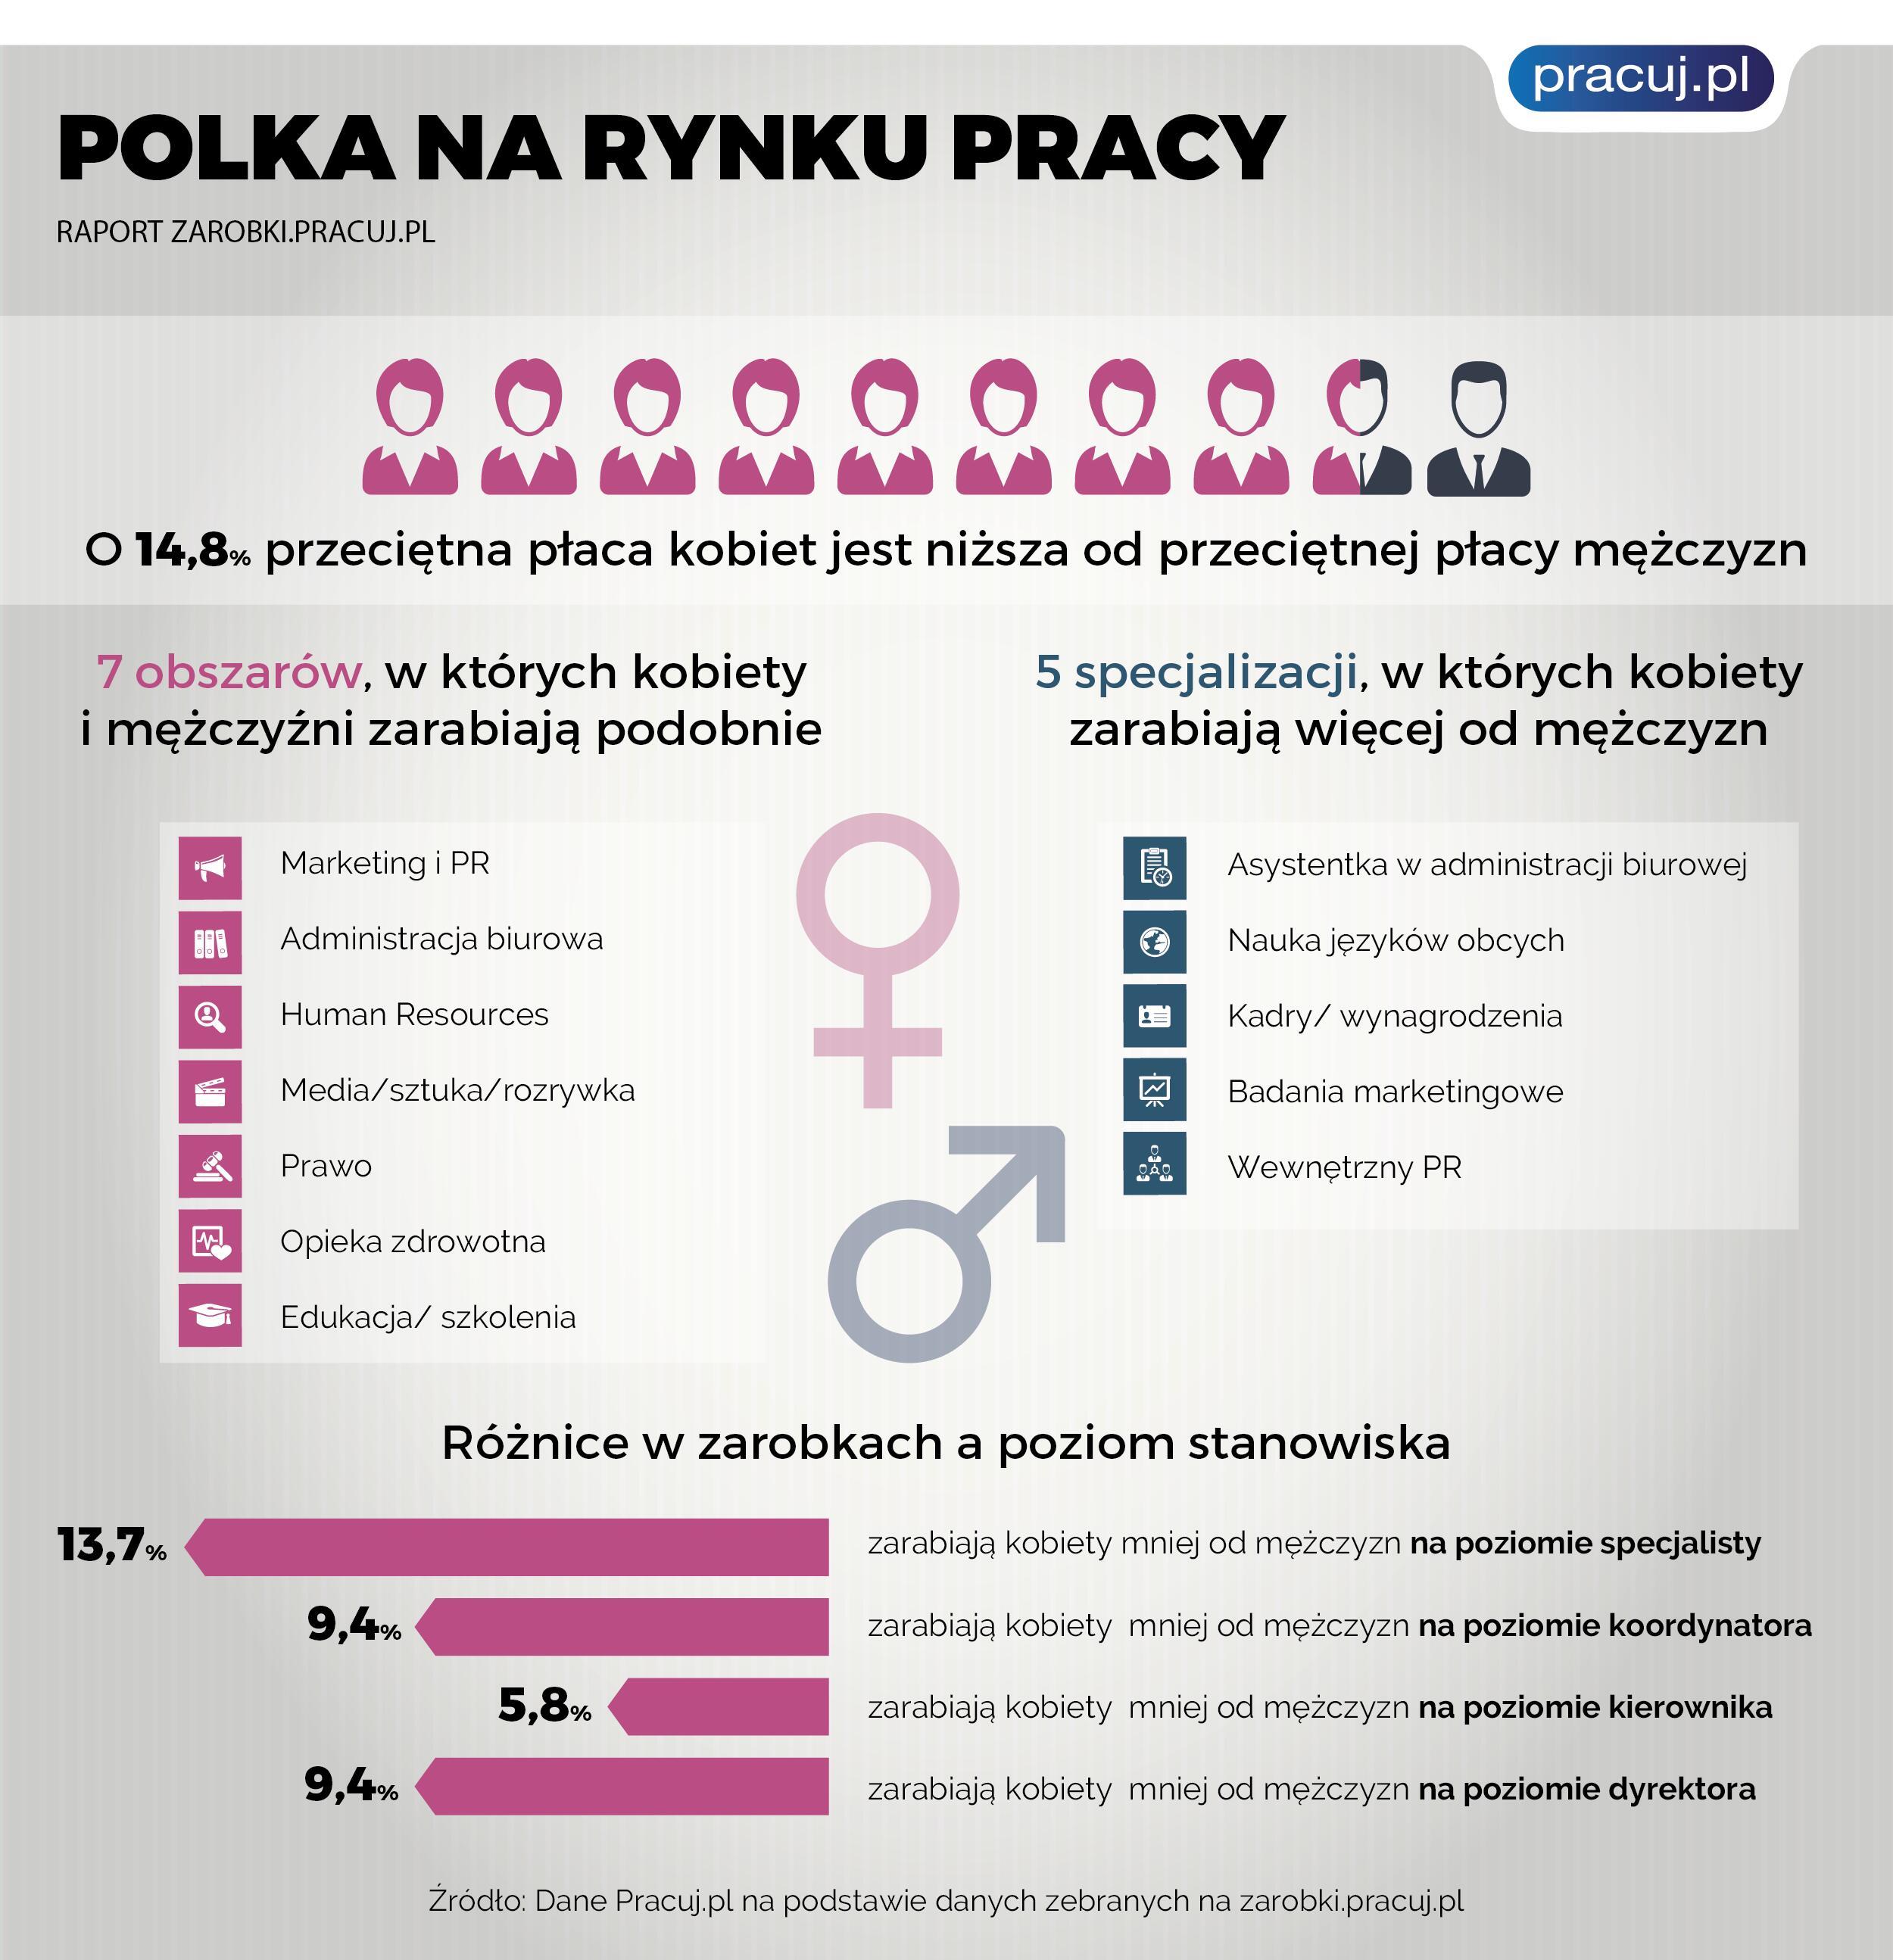 Polka na rynku pracy – płeć a zakaz dyskryminacji